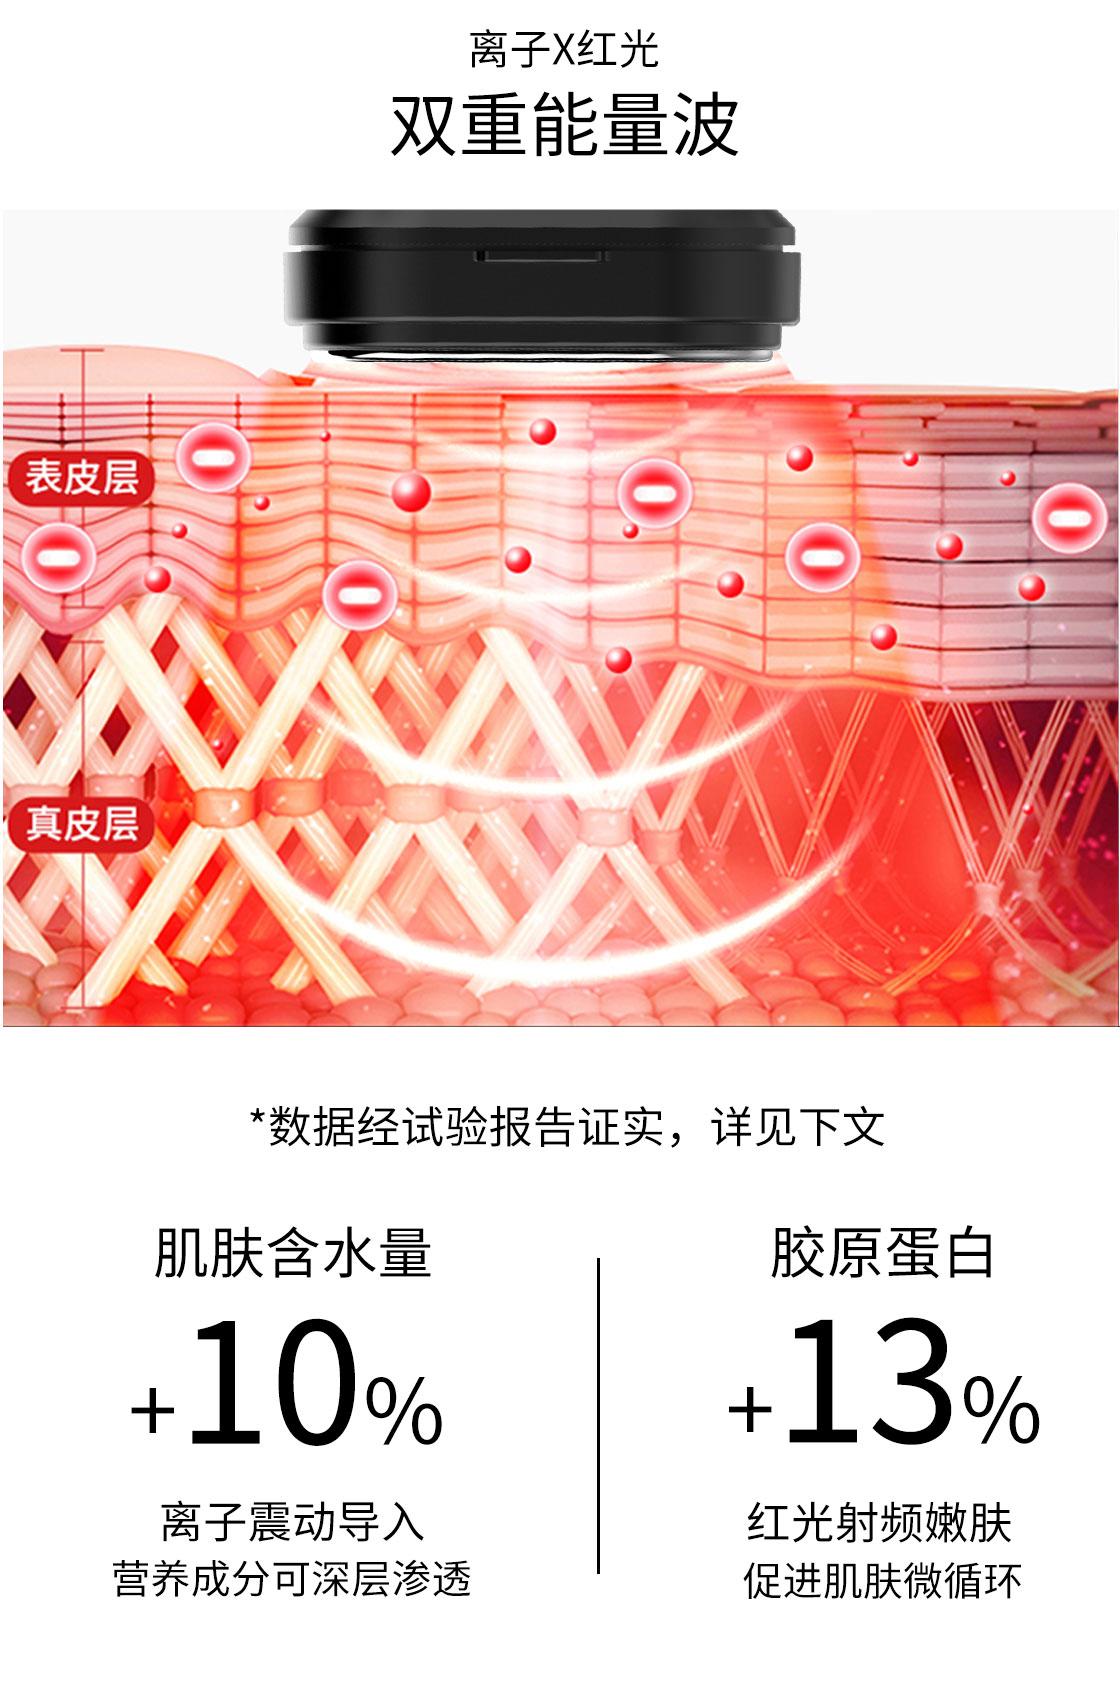 KAKUSAN多功能RF射频仪 网红款童颜射频美容仪什么效果?红光冷热敷